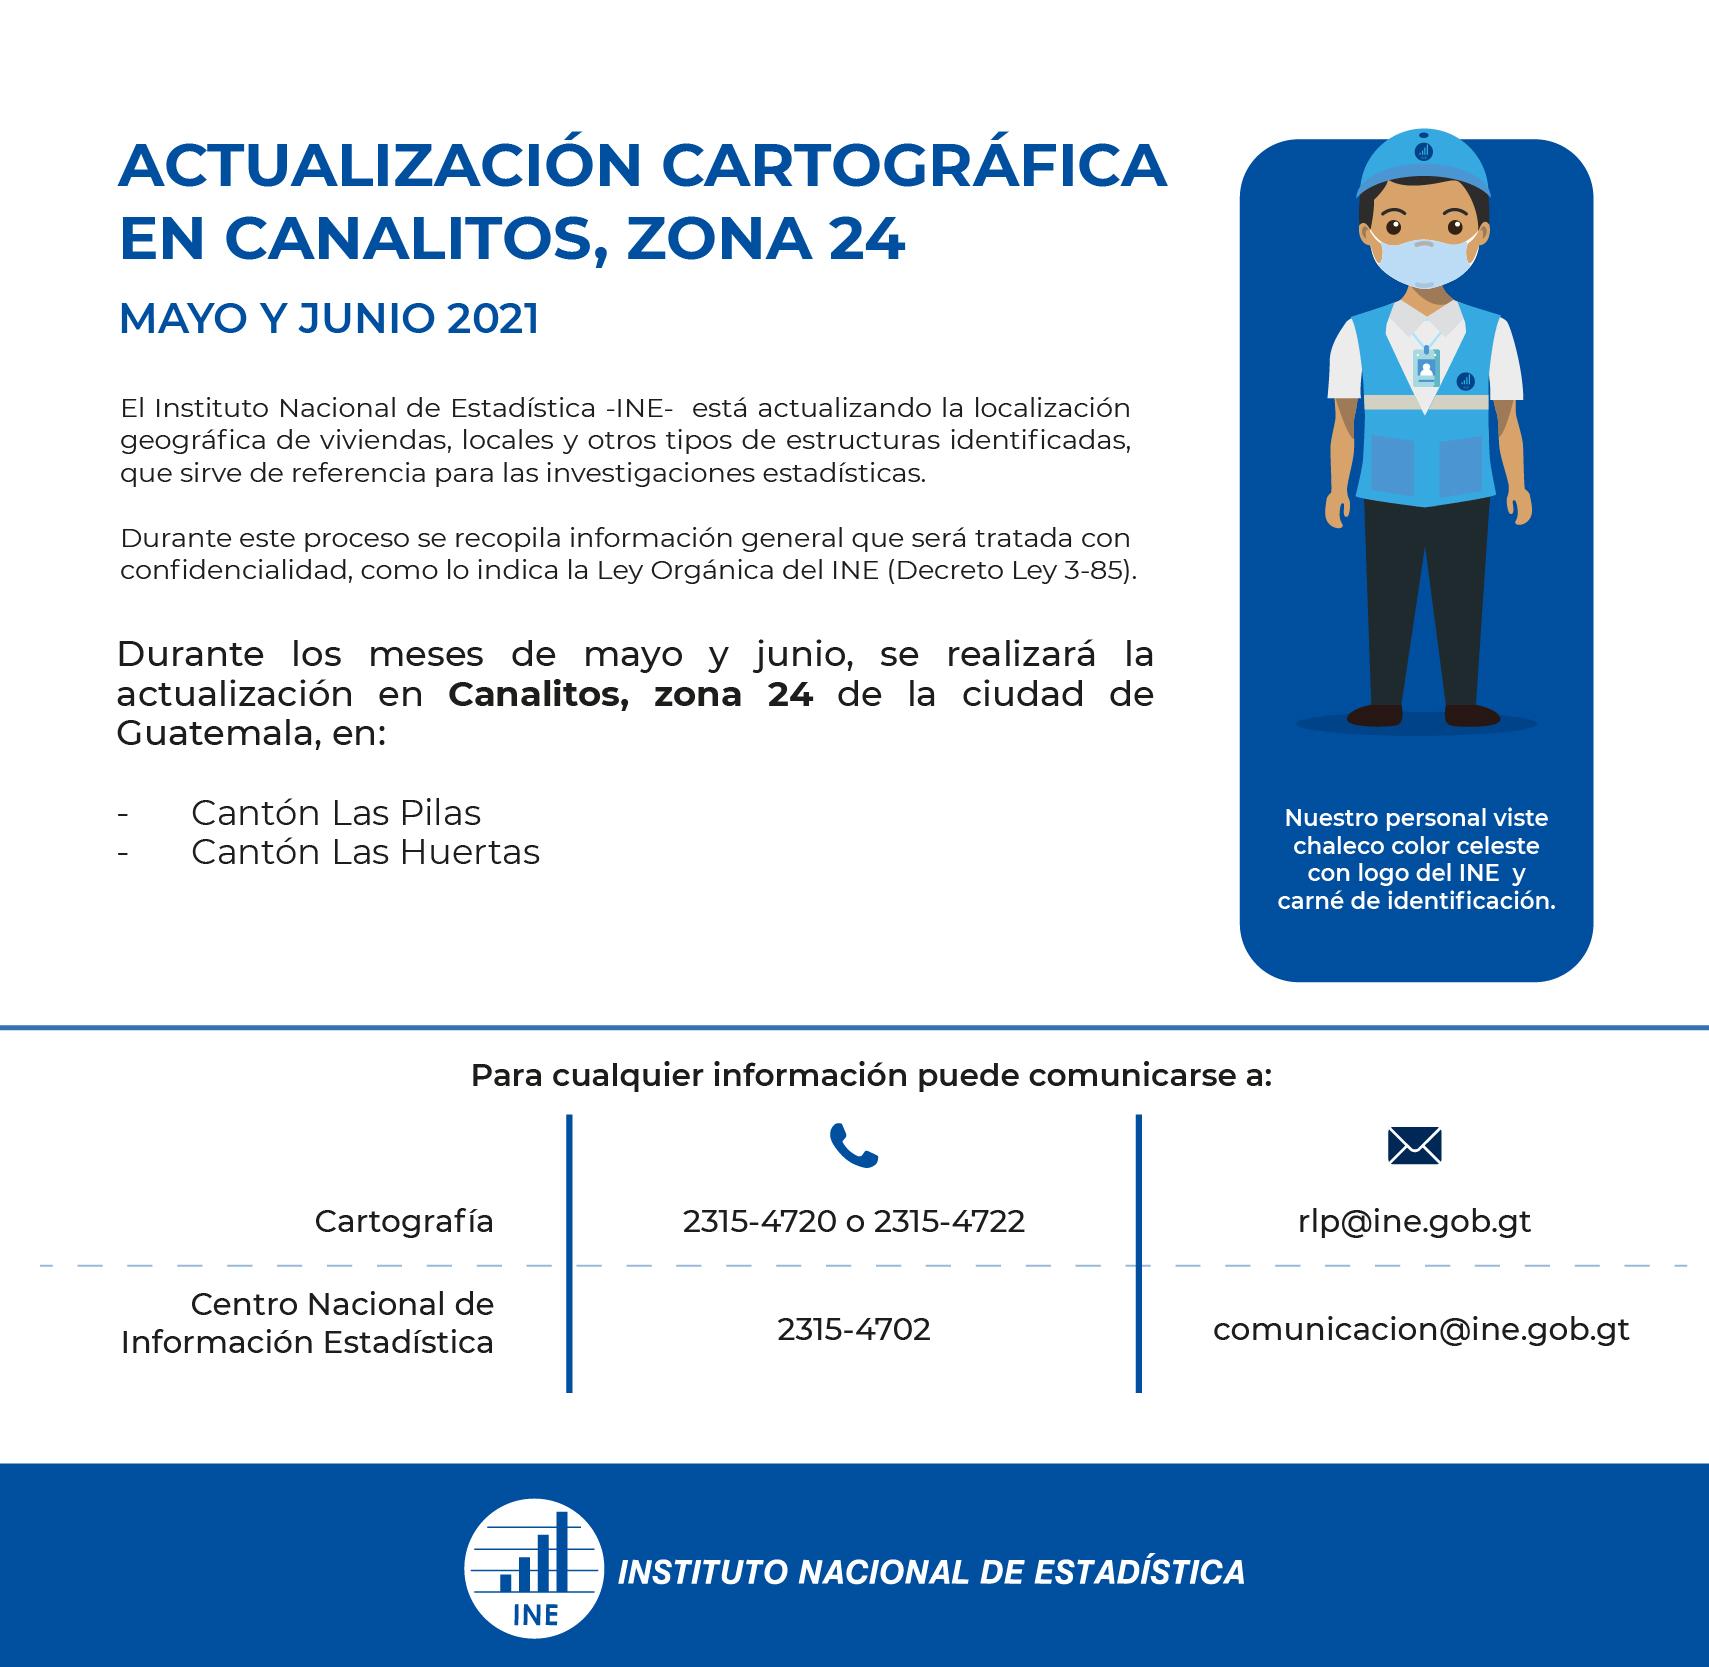 Actualización cartográfica en Canalitos, zona 24.